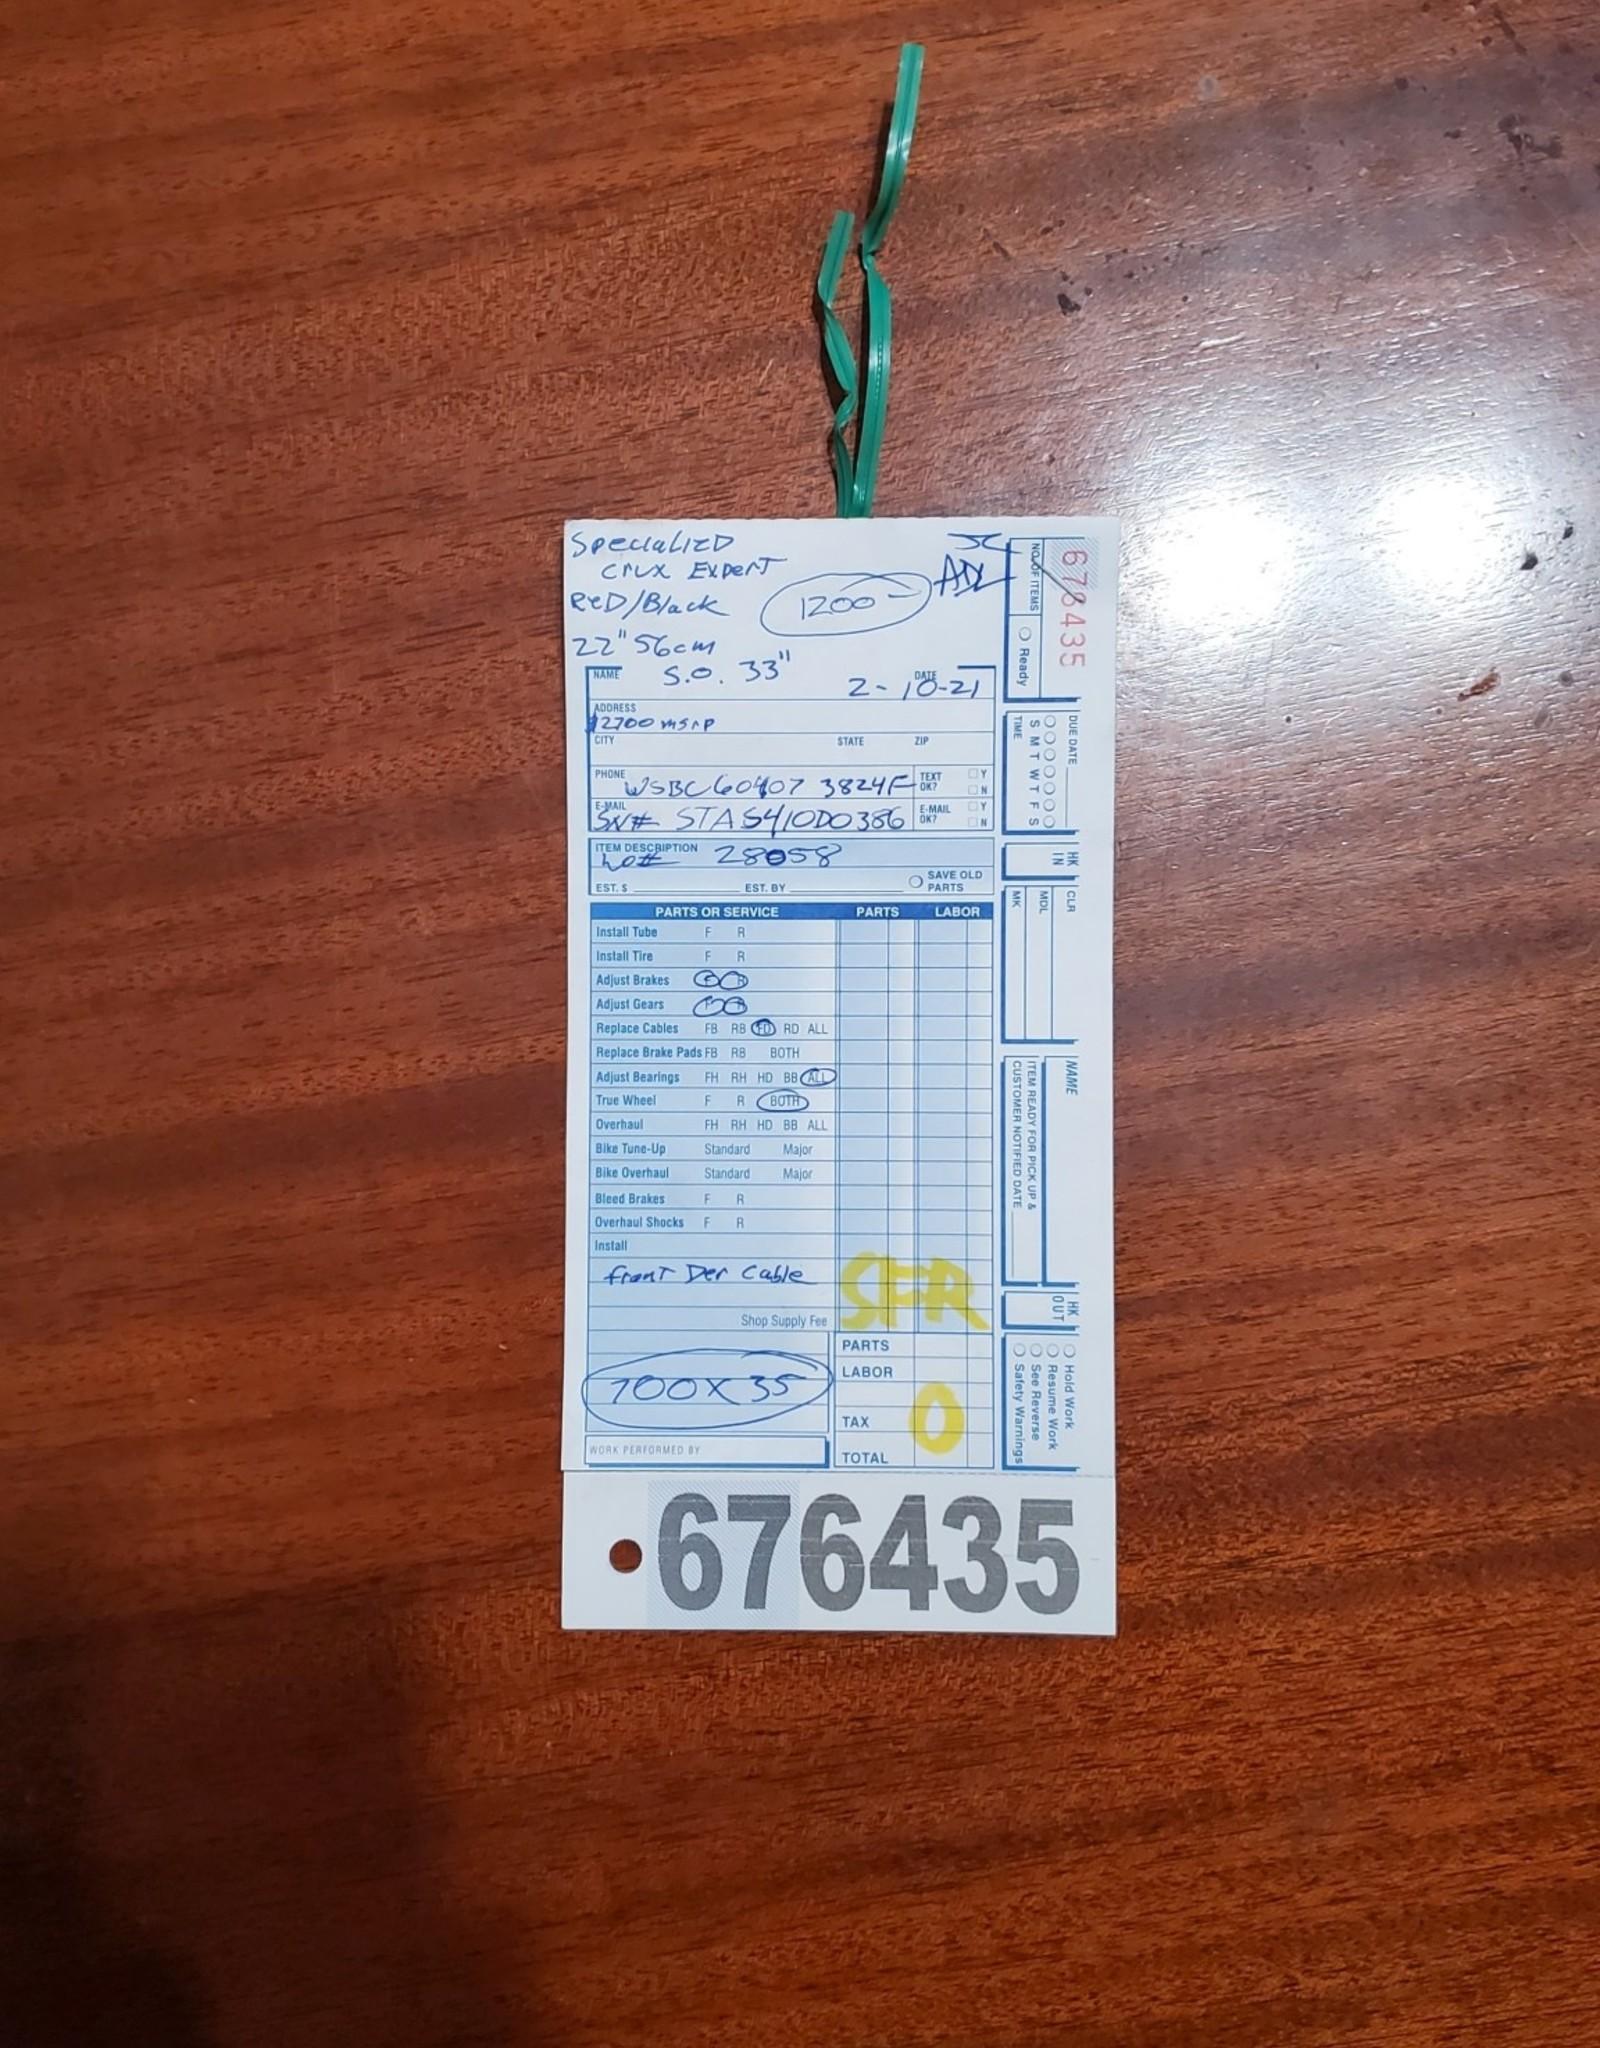 56cm Specialized Crux Expert (0386 SFR)